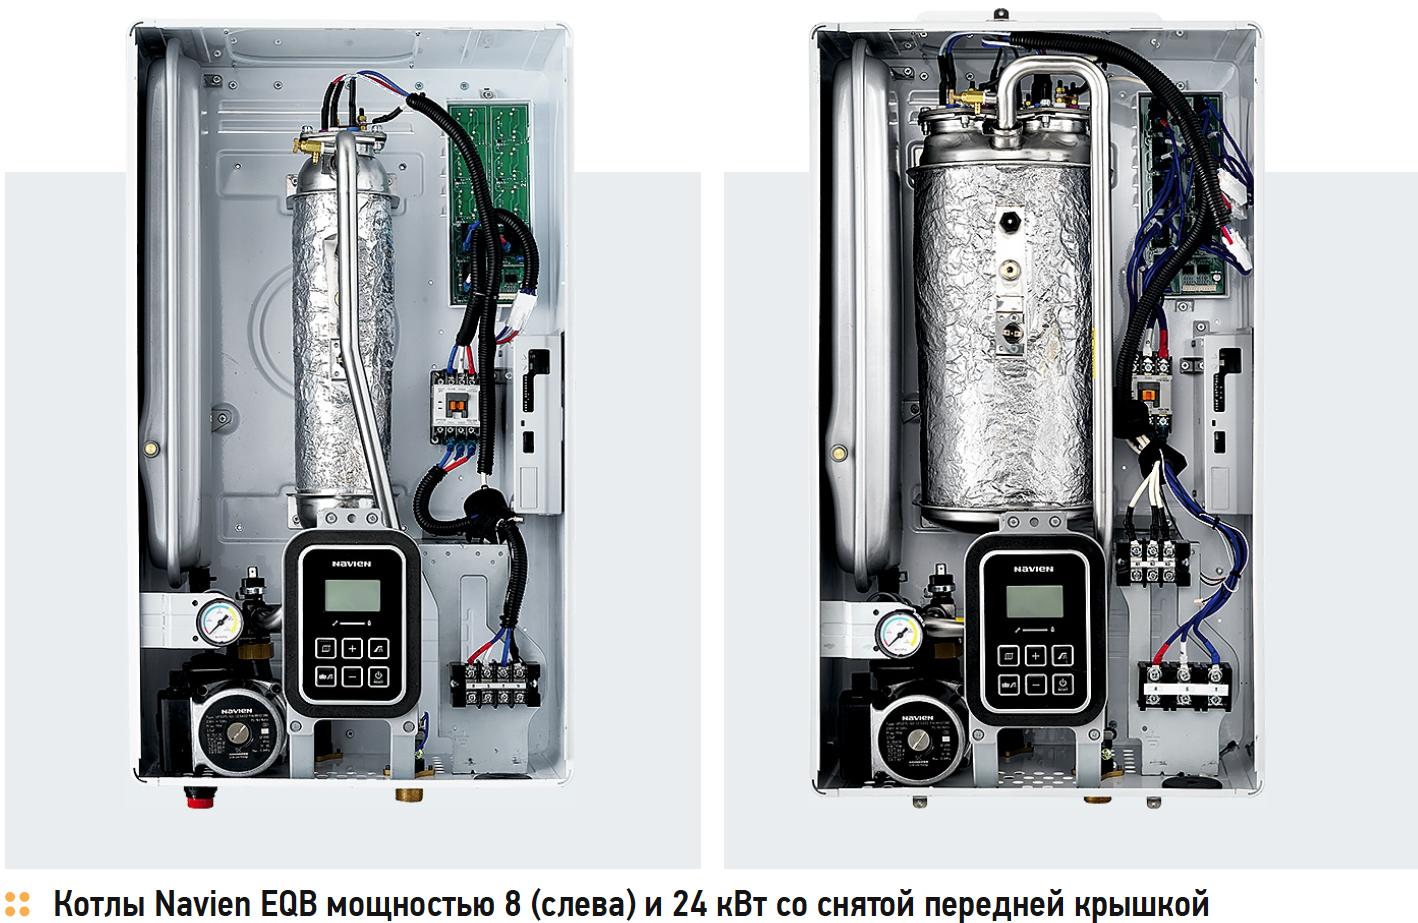 Котлы Navien EQB мощностью 8 (слева) и 24 кВт со снятой передней крышкой